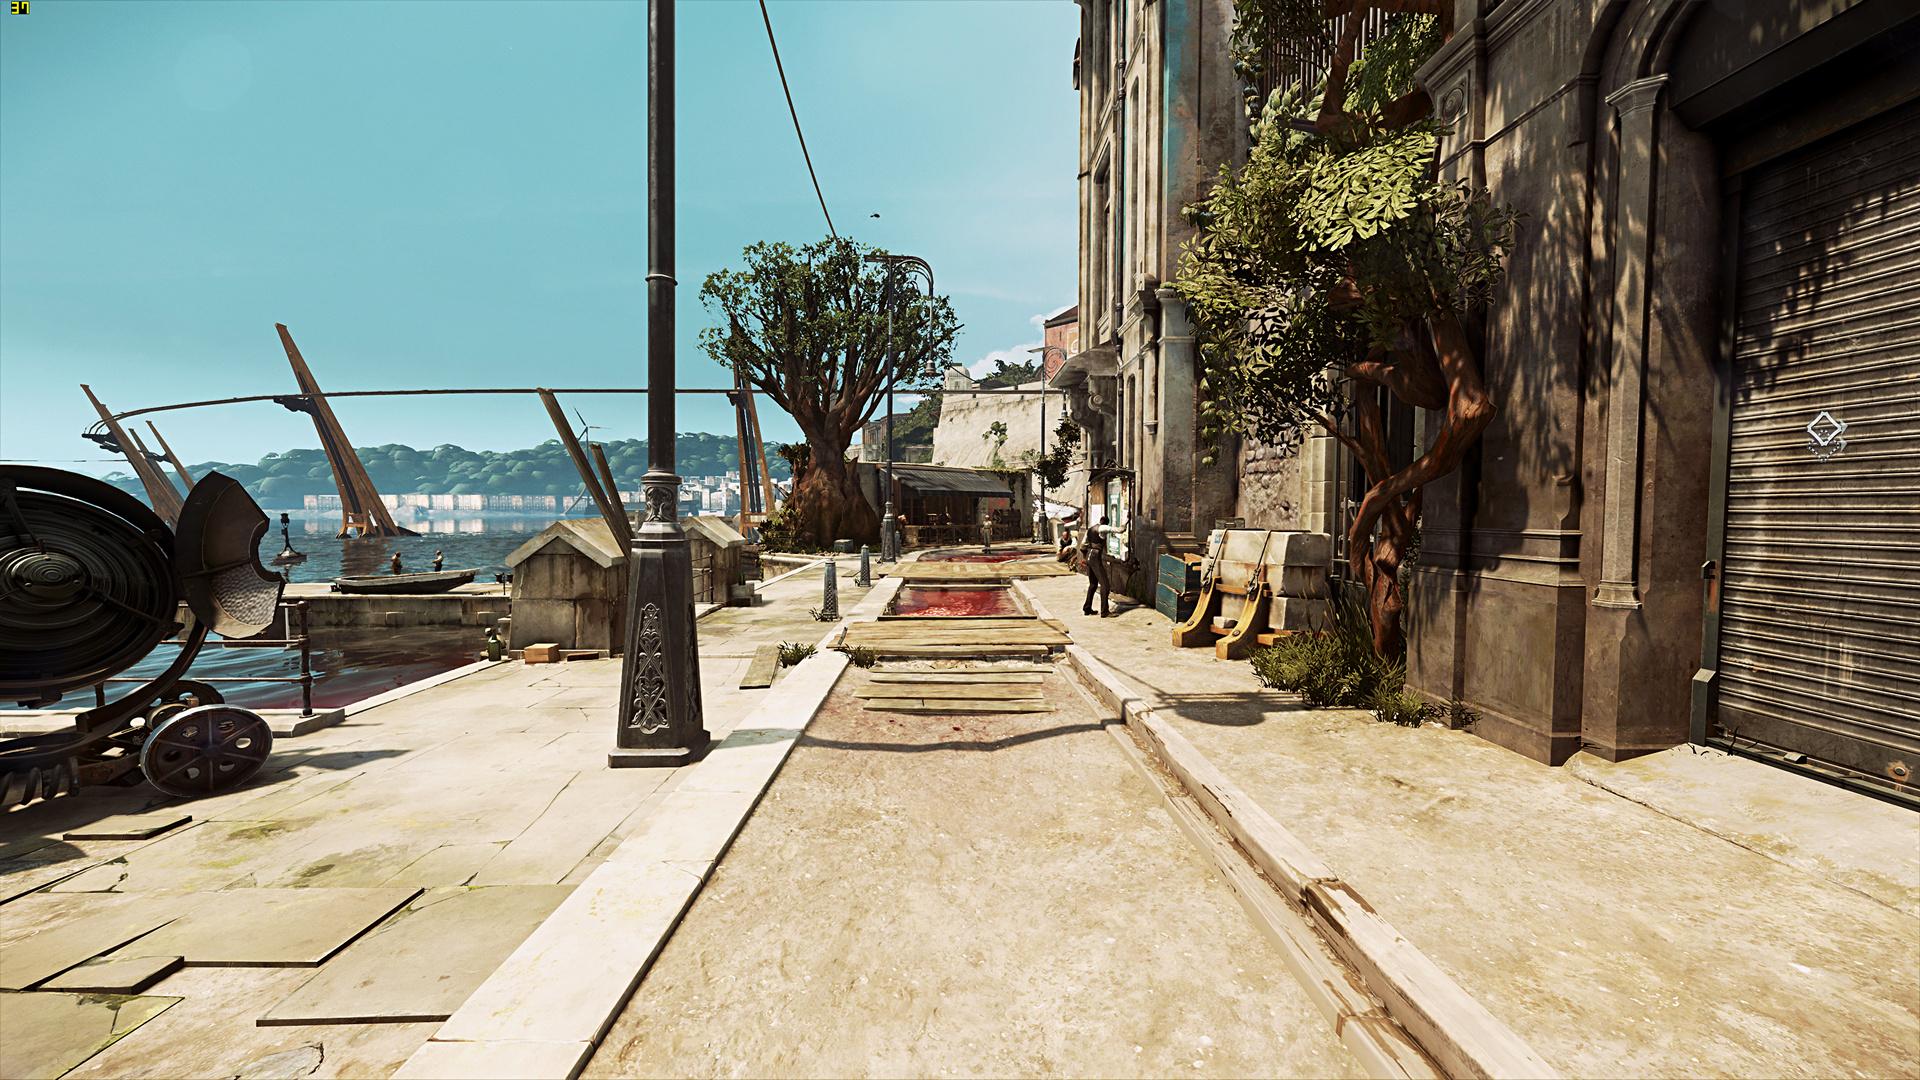 Radeon RX Vega 64 im Test: Schnell und durstig mit Potenzial - Benchmark-Szene von Dishonored 2 (Screenshot: Marc Sauter/Golem.de, Rechteinhaber: Bethesda)